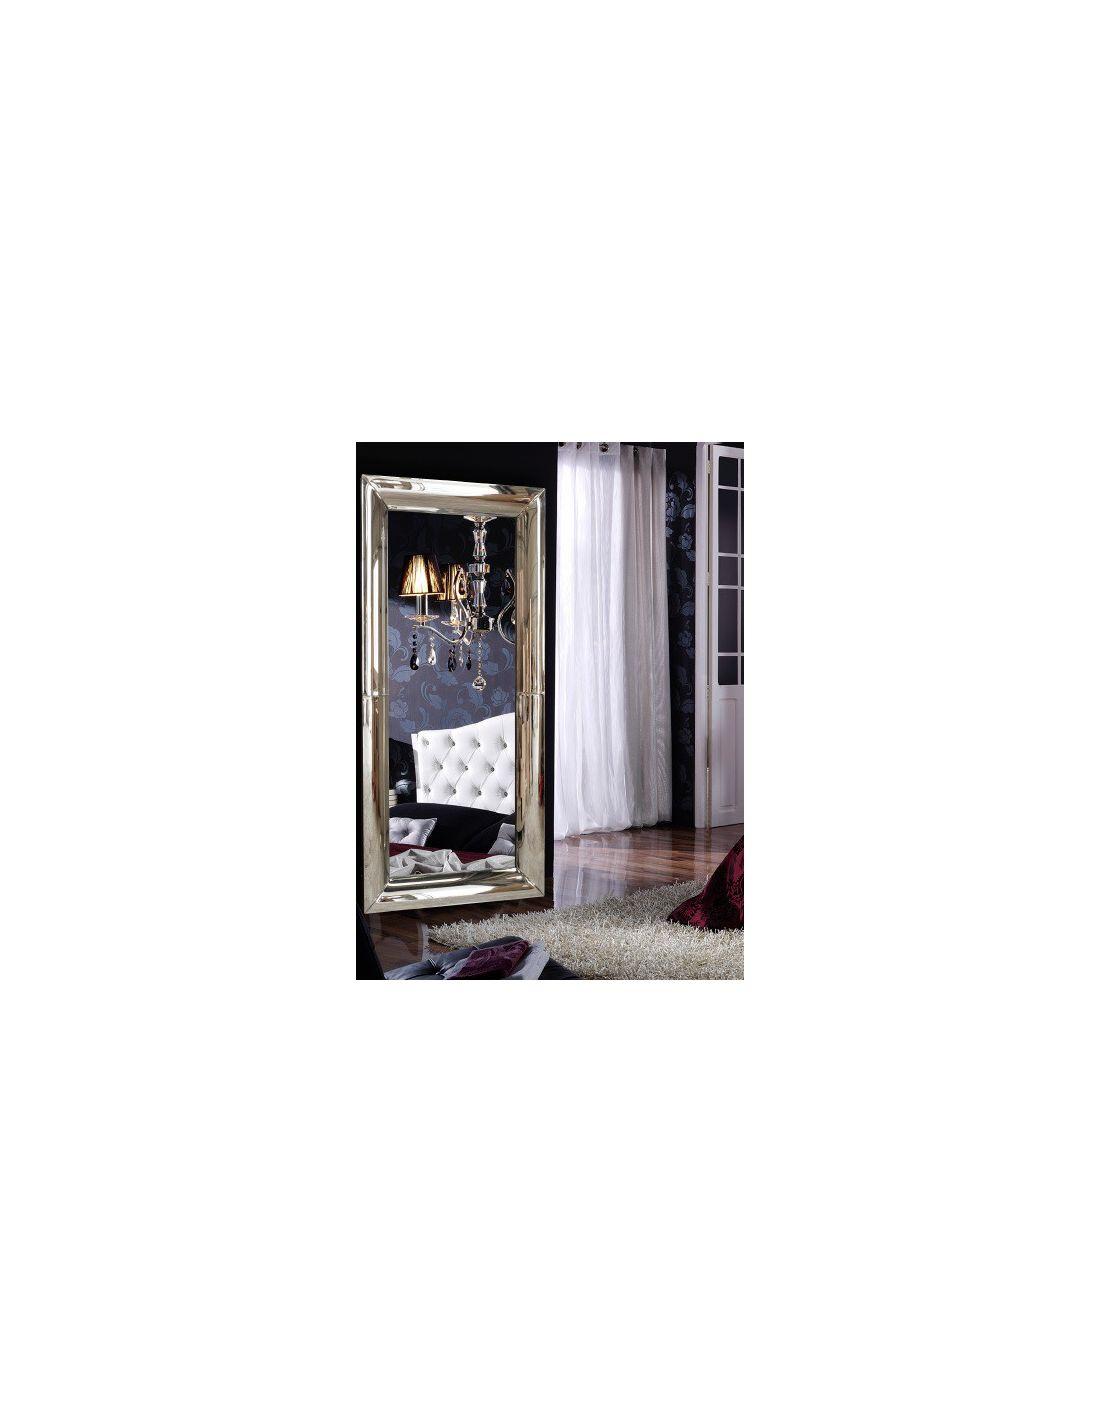 Venta online de espejo de dise o para vestidor env o gratis for Disenos para espejos